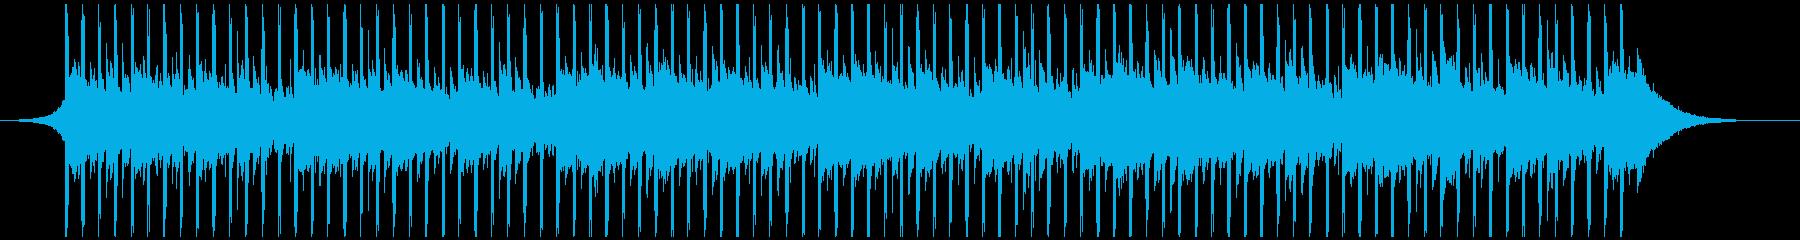 モチベーションプレゼンテーション60秒の再生済みの波形